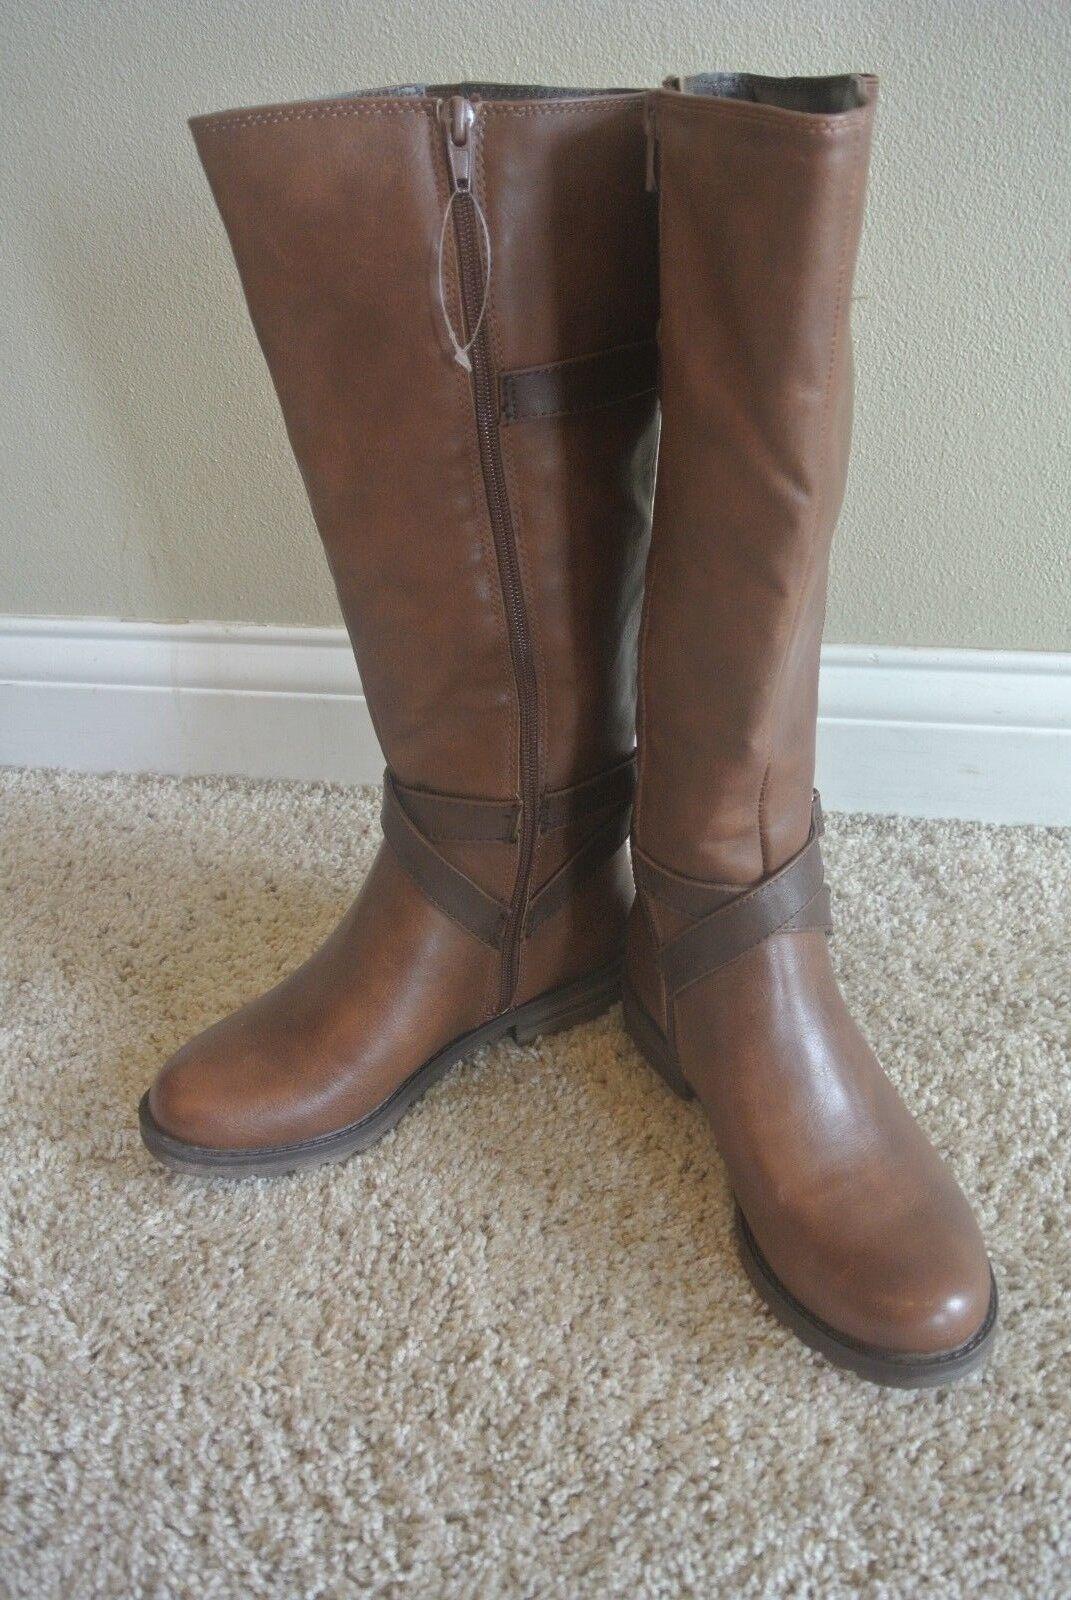 Natualizer Naturalizer Soul Bridget Brown Knee Boots shoes Size 5 @ cLOSeT